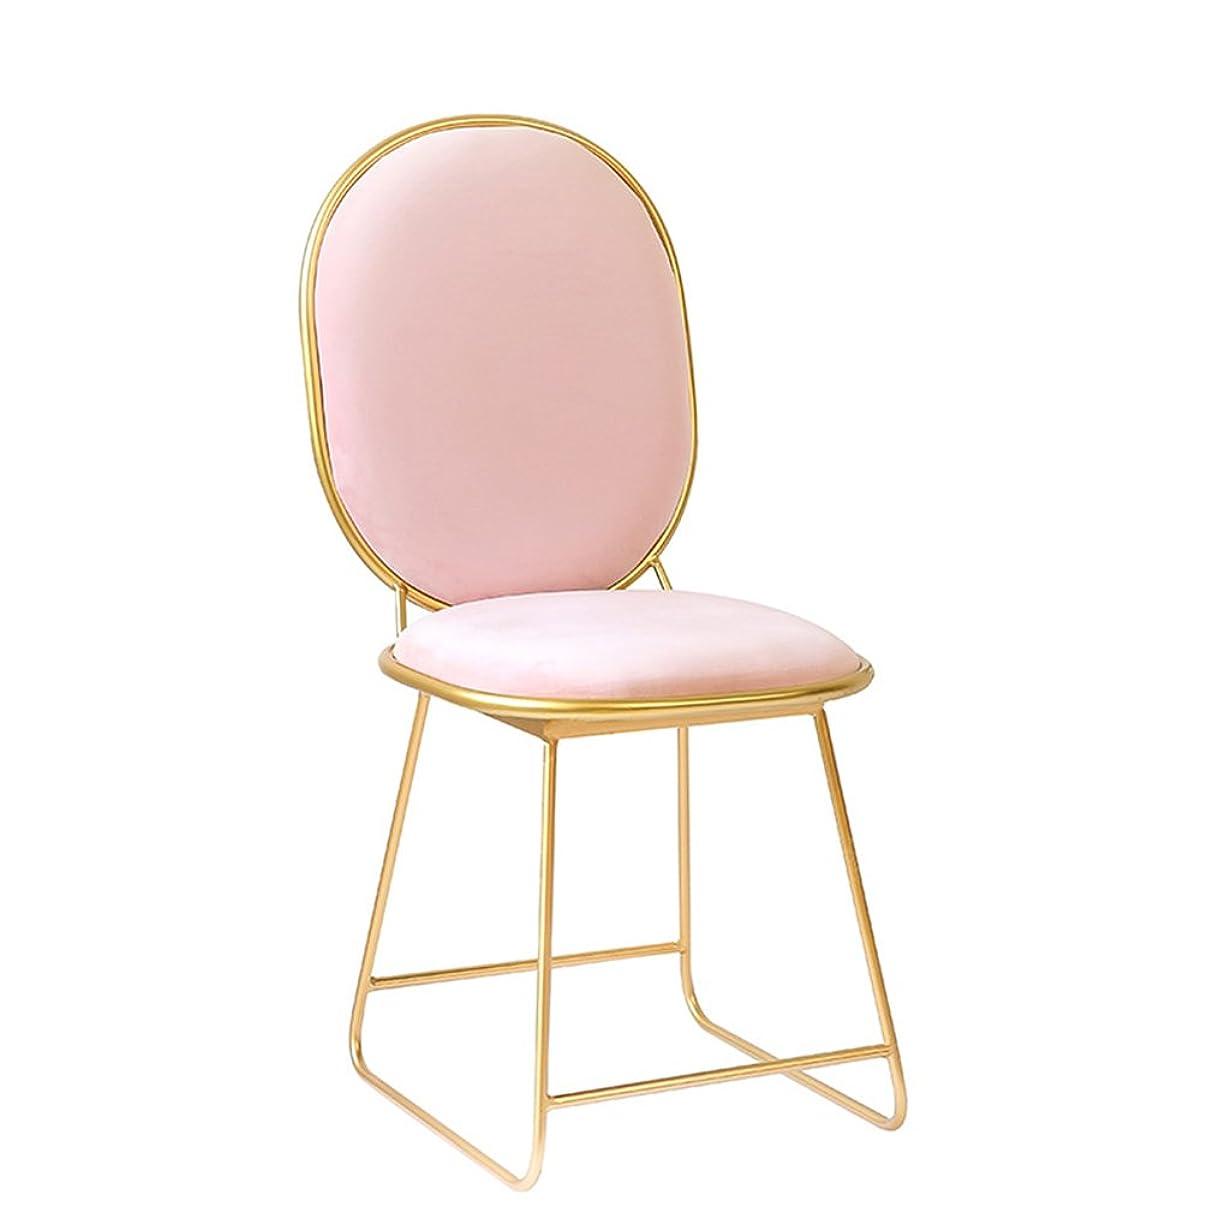 モンク異邦人海洋ZWD 創造的なアームチェア、現代の鉄のアートバーの椅子女の子のピンクのドレッシングテーブルチェアダイニングチェアカフェテーブルとチェアラウンジチェアホテルの装飾ハイスツール40 * 36 * 88CM スツールと椅子 (サイズ さいず : 40*36*88CM)